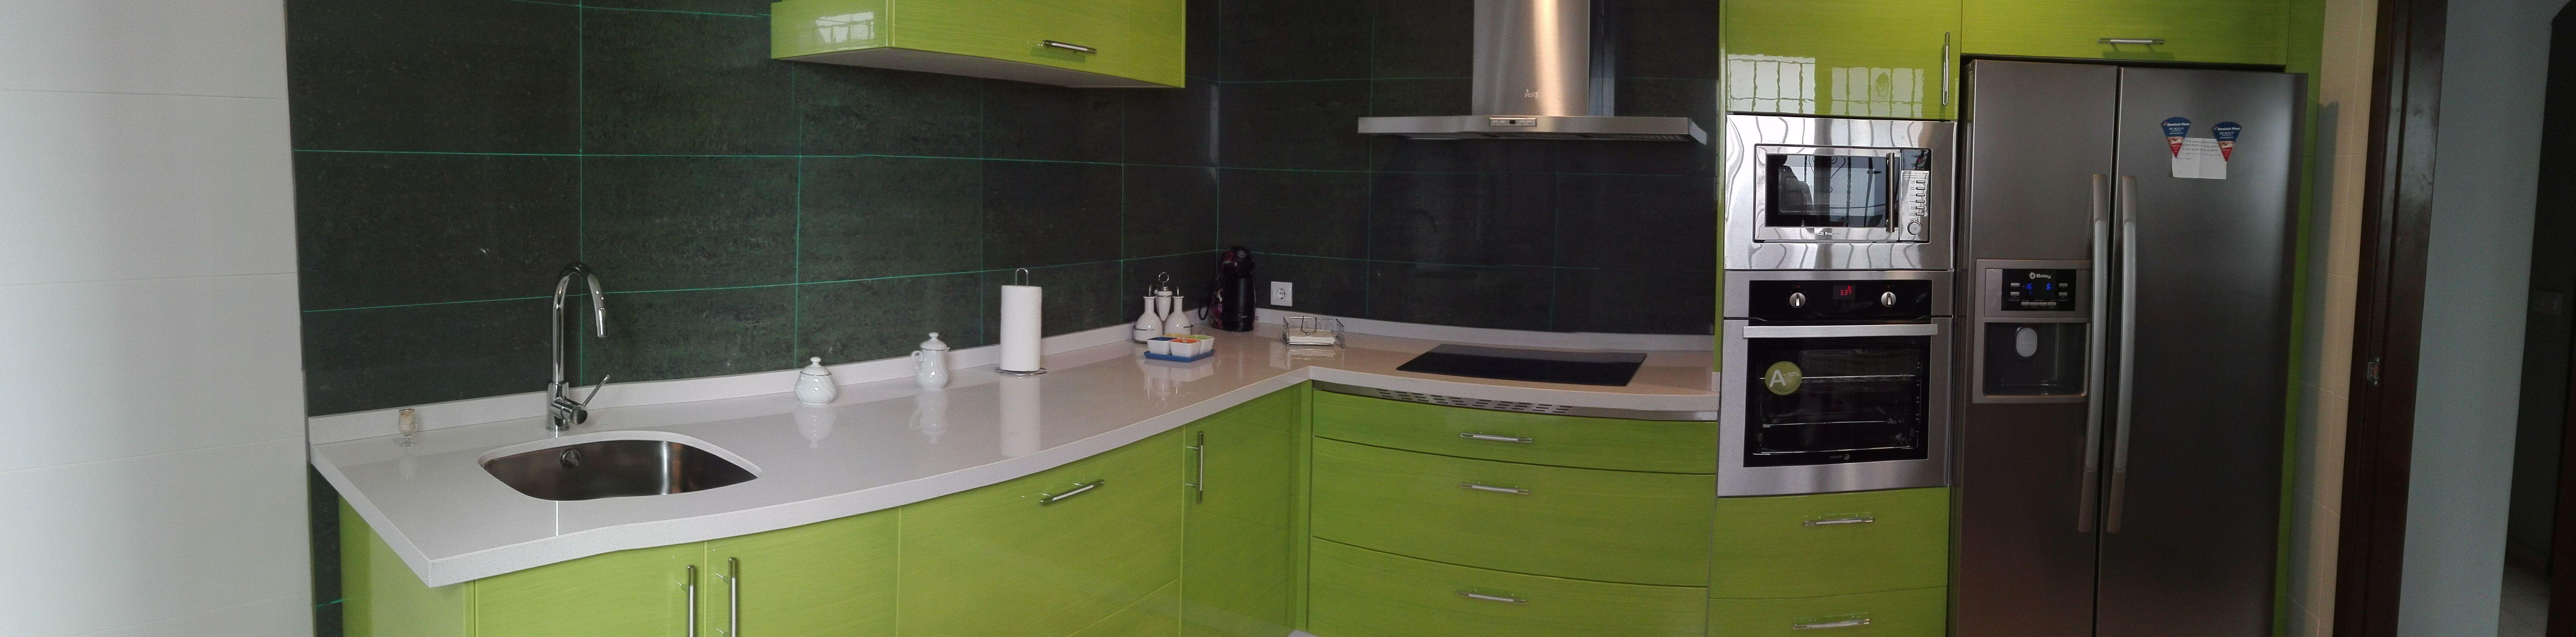 Foto 47 de Muebles de baño y cocina en Pozoblanco | Muebles de Cocina MYDO